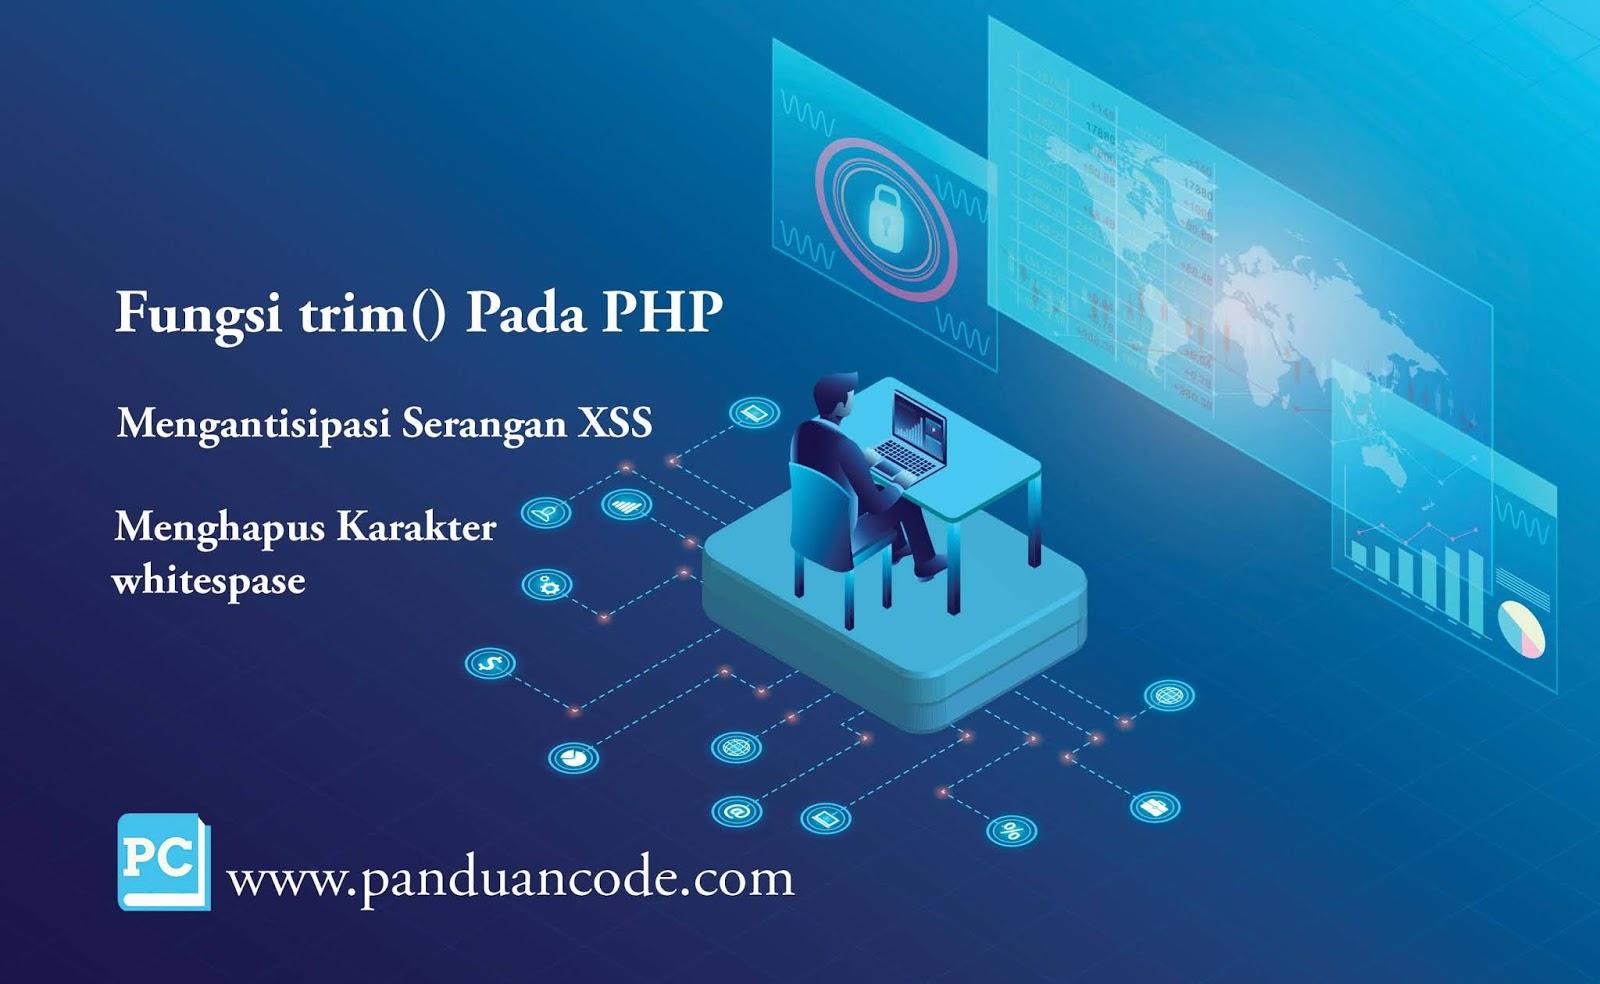 Fungsi trim() Pada PHP Terlengkap